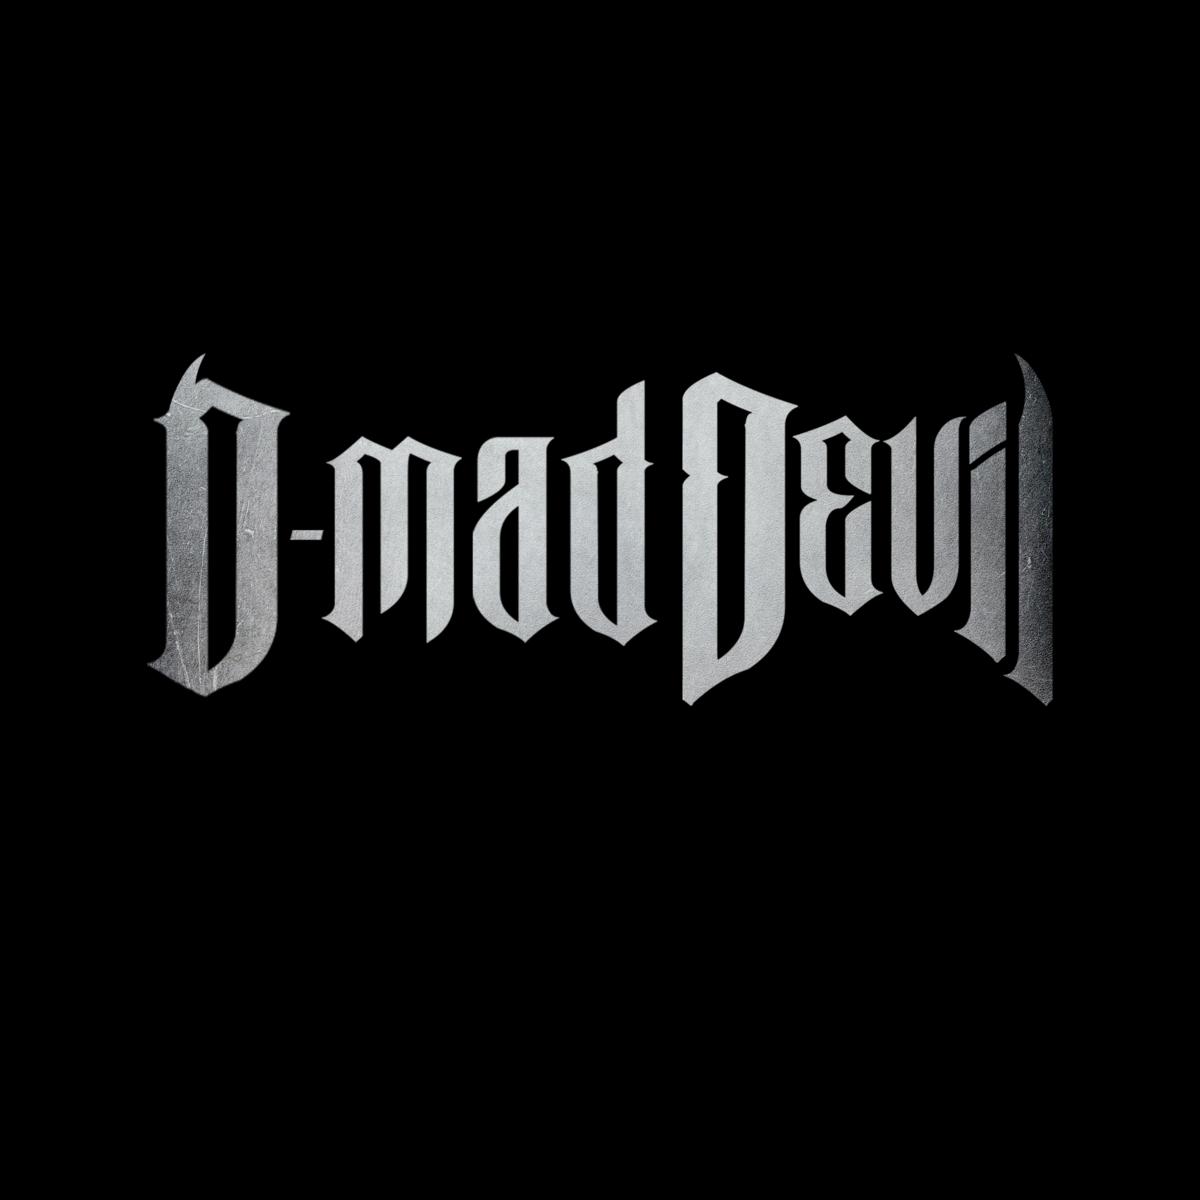 f:id:d-maddevil:20190819001213p:plain